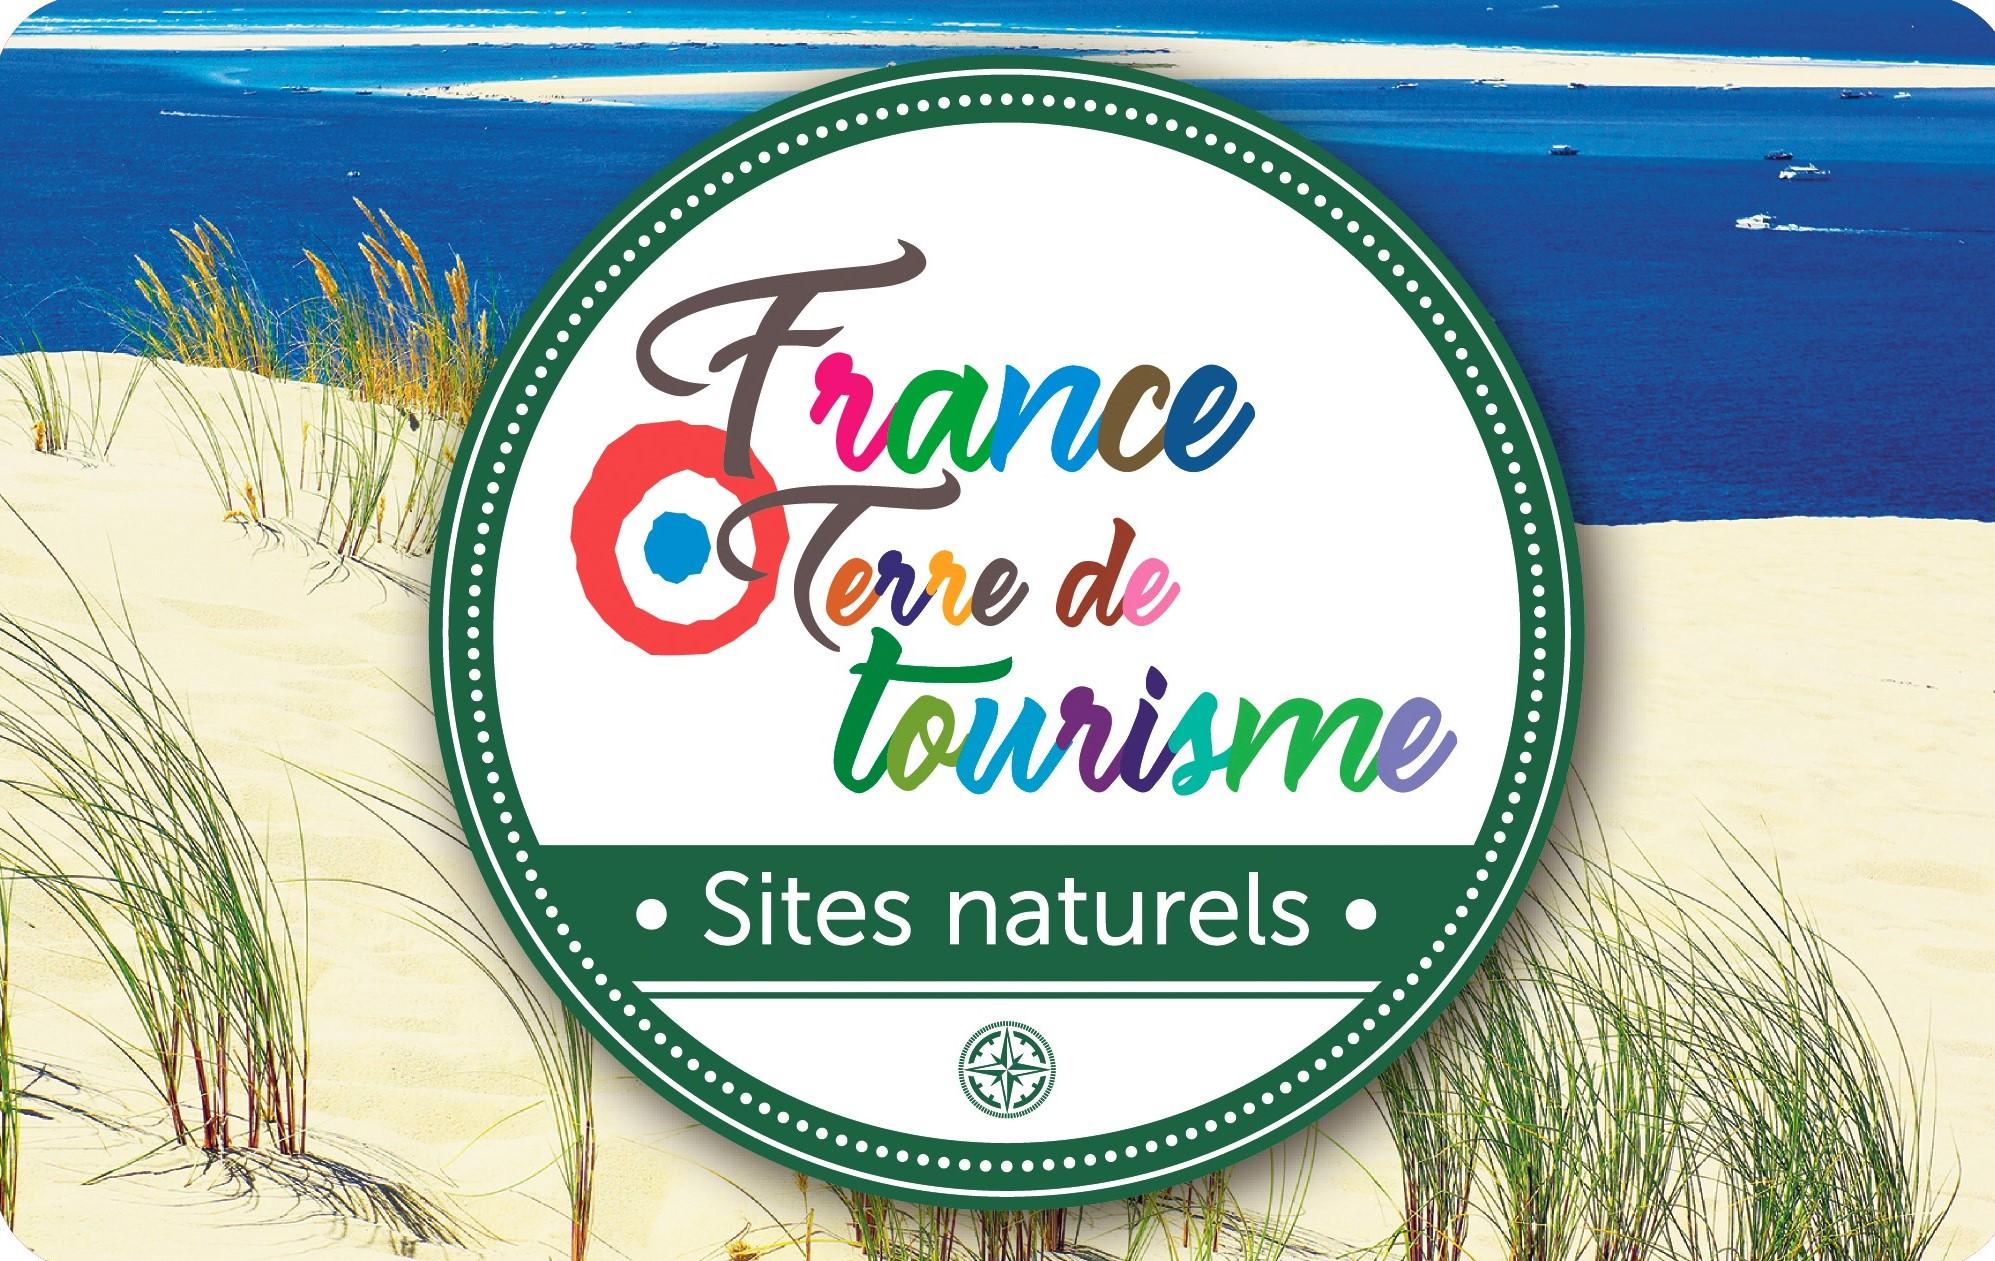 France terre de tourisme - Sites naturels